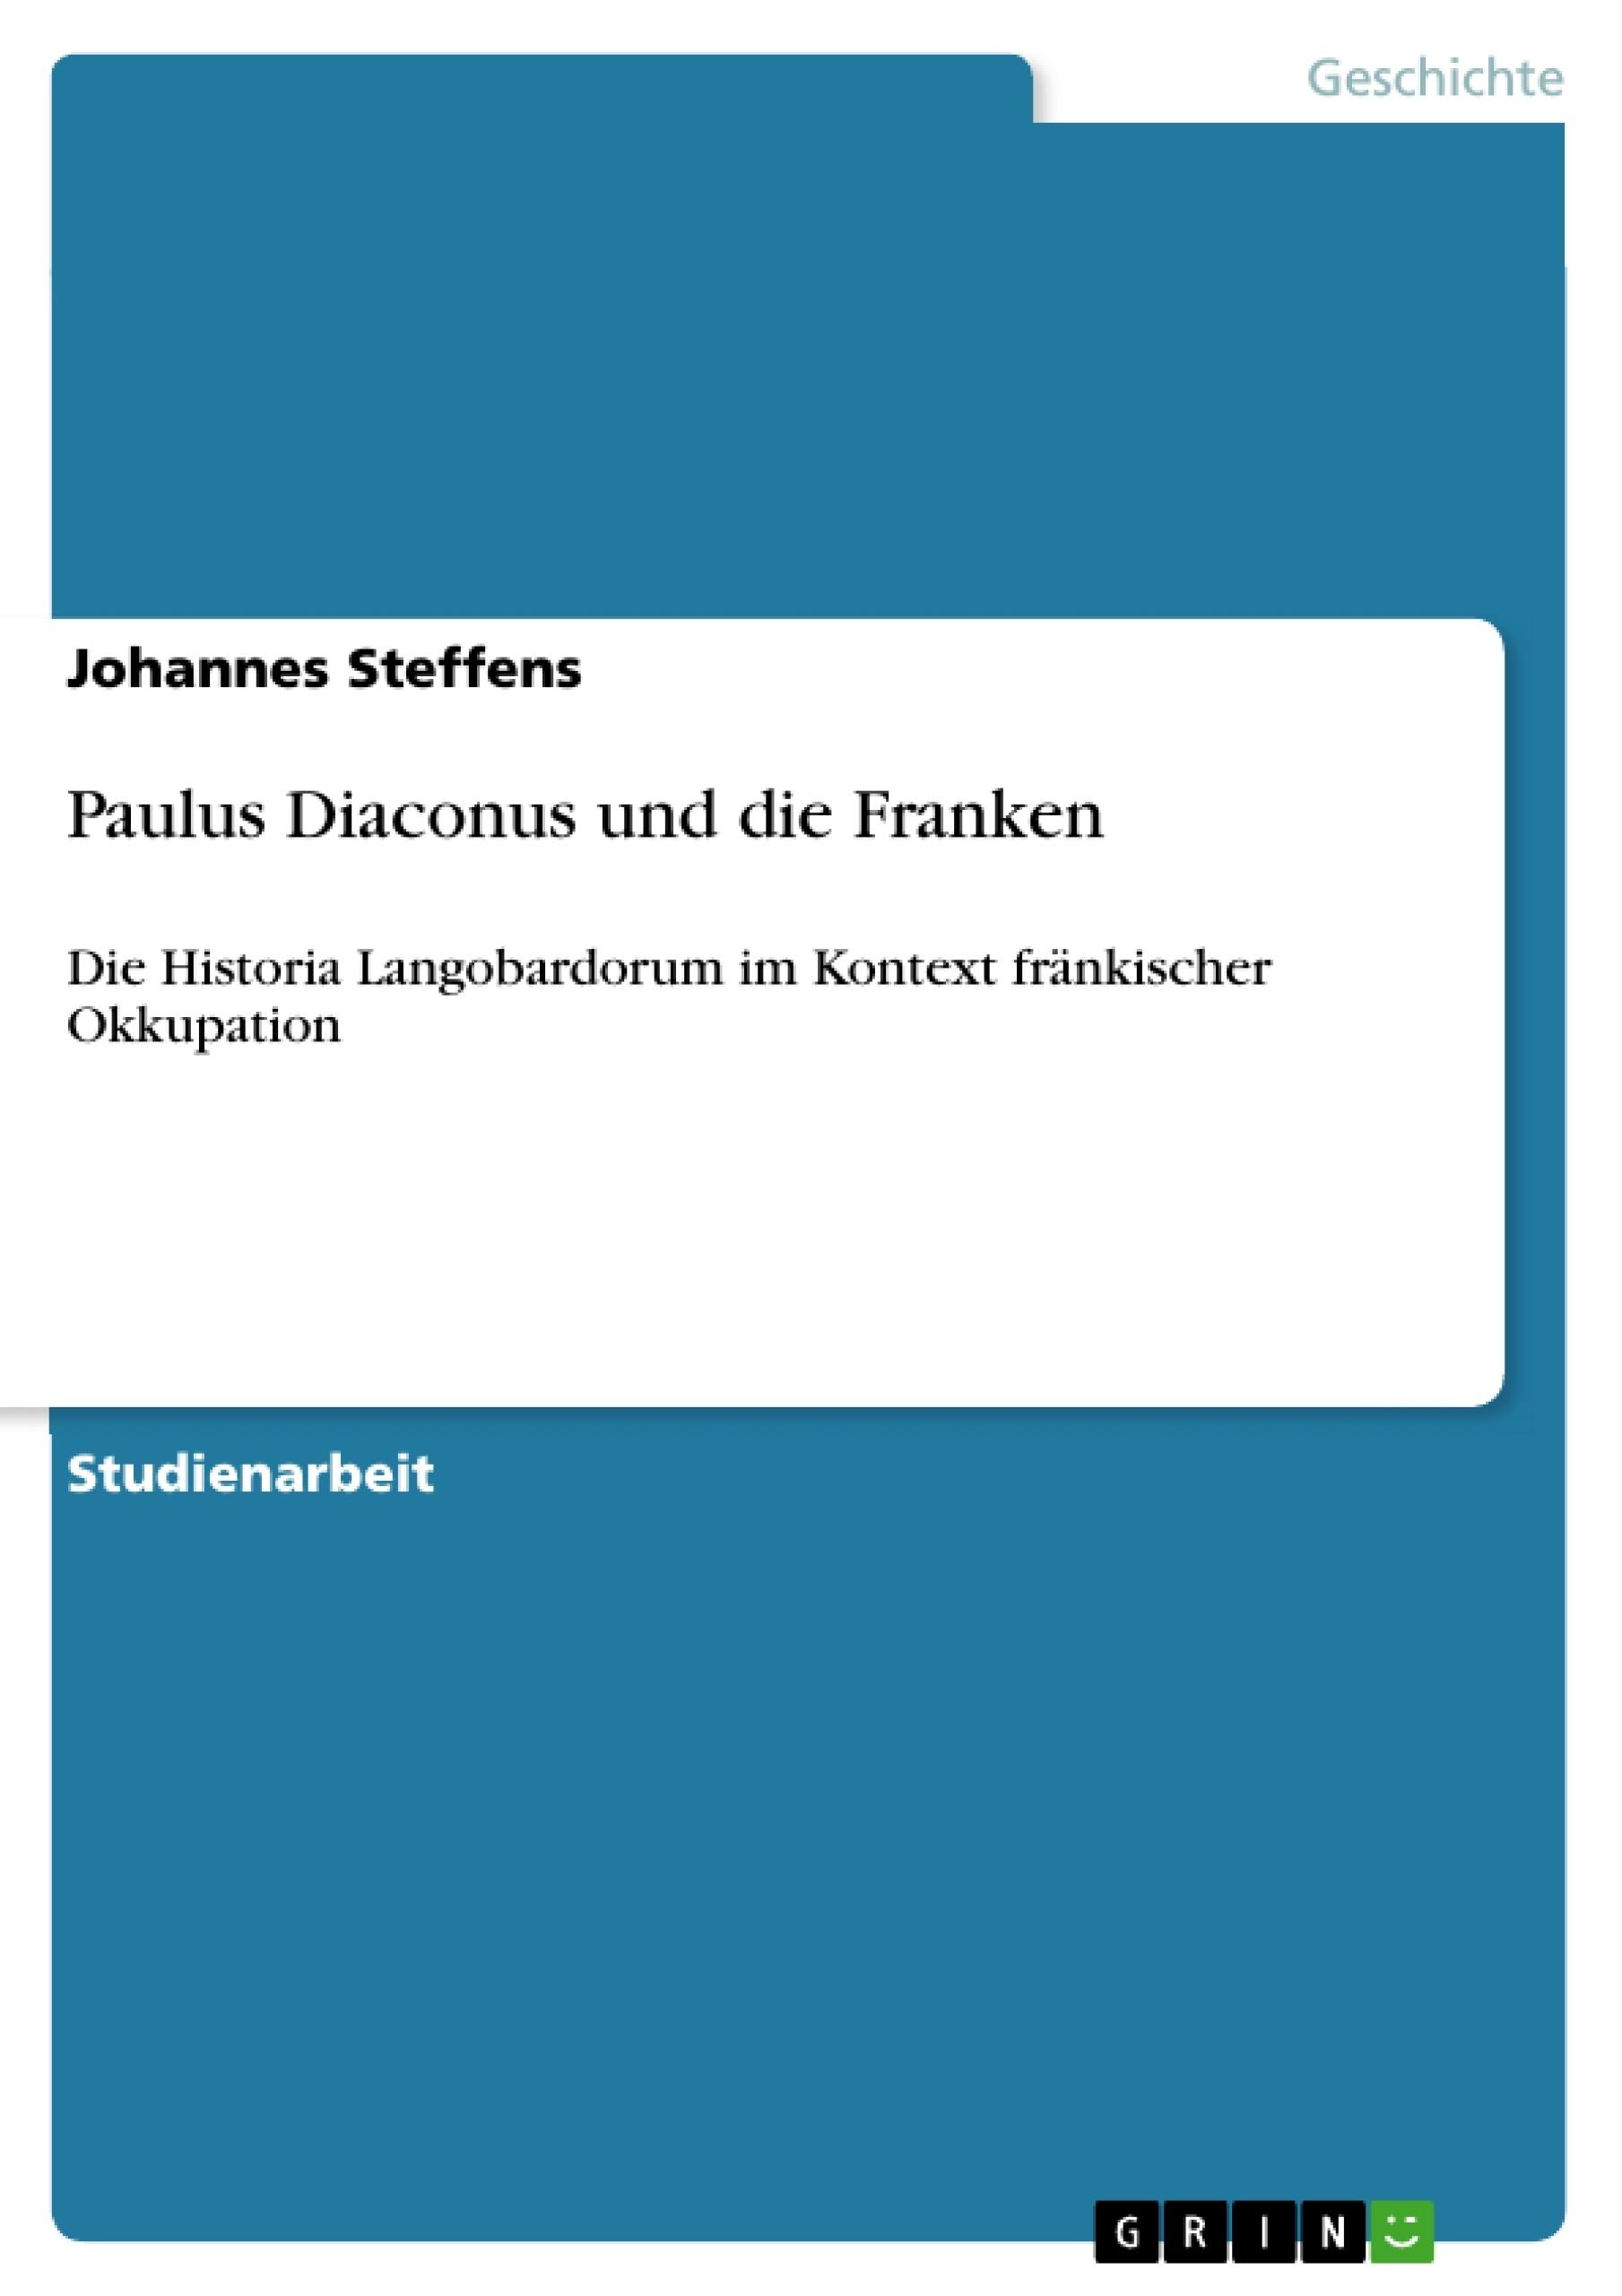 Titel: Paulus Diaconus und die Franken